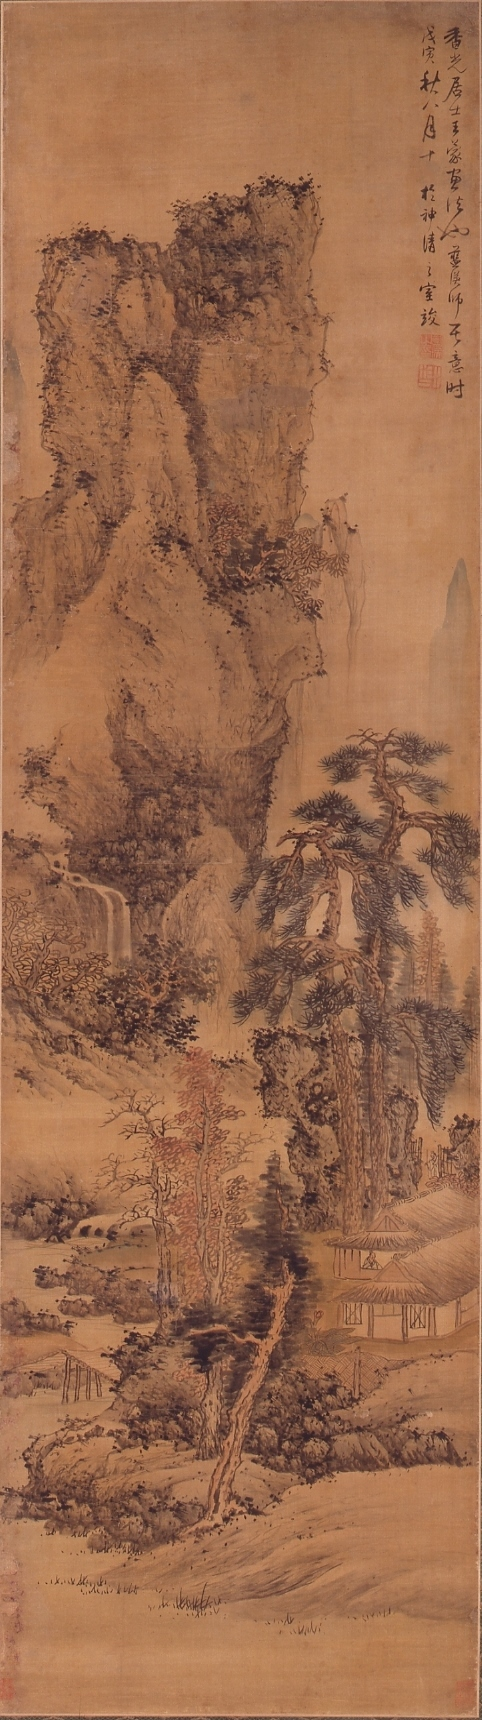 重要文化財 「秋景山水図」 藍瑛 明時代・崇禎11年(1638) 静嘉堂文庫美術館蔵 【全期間展示】